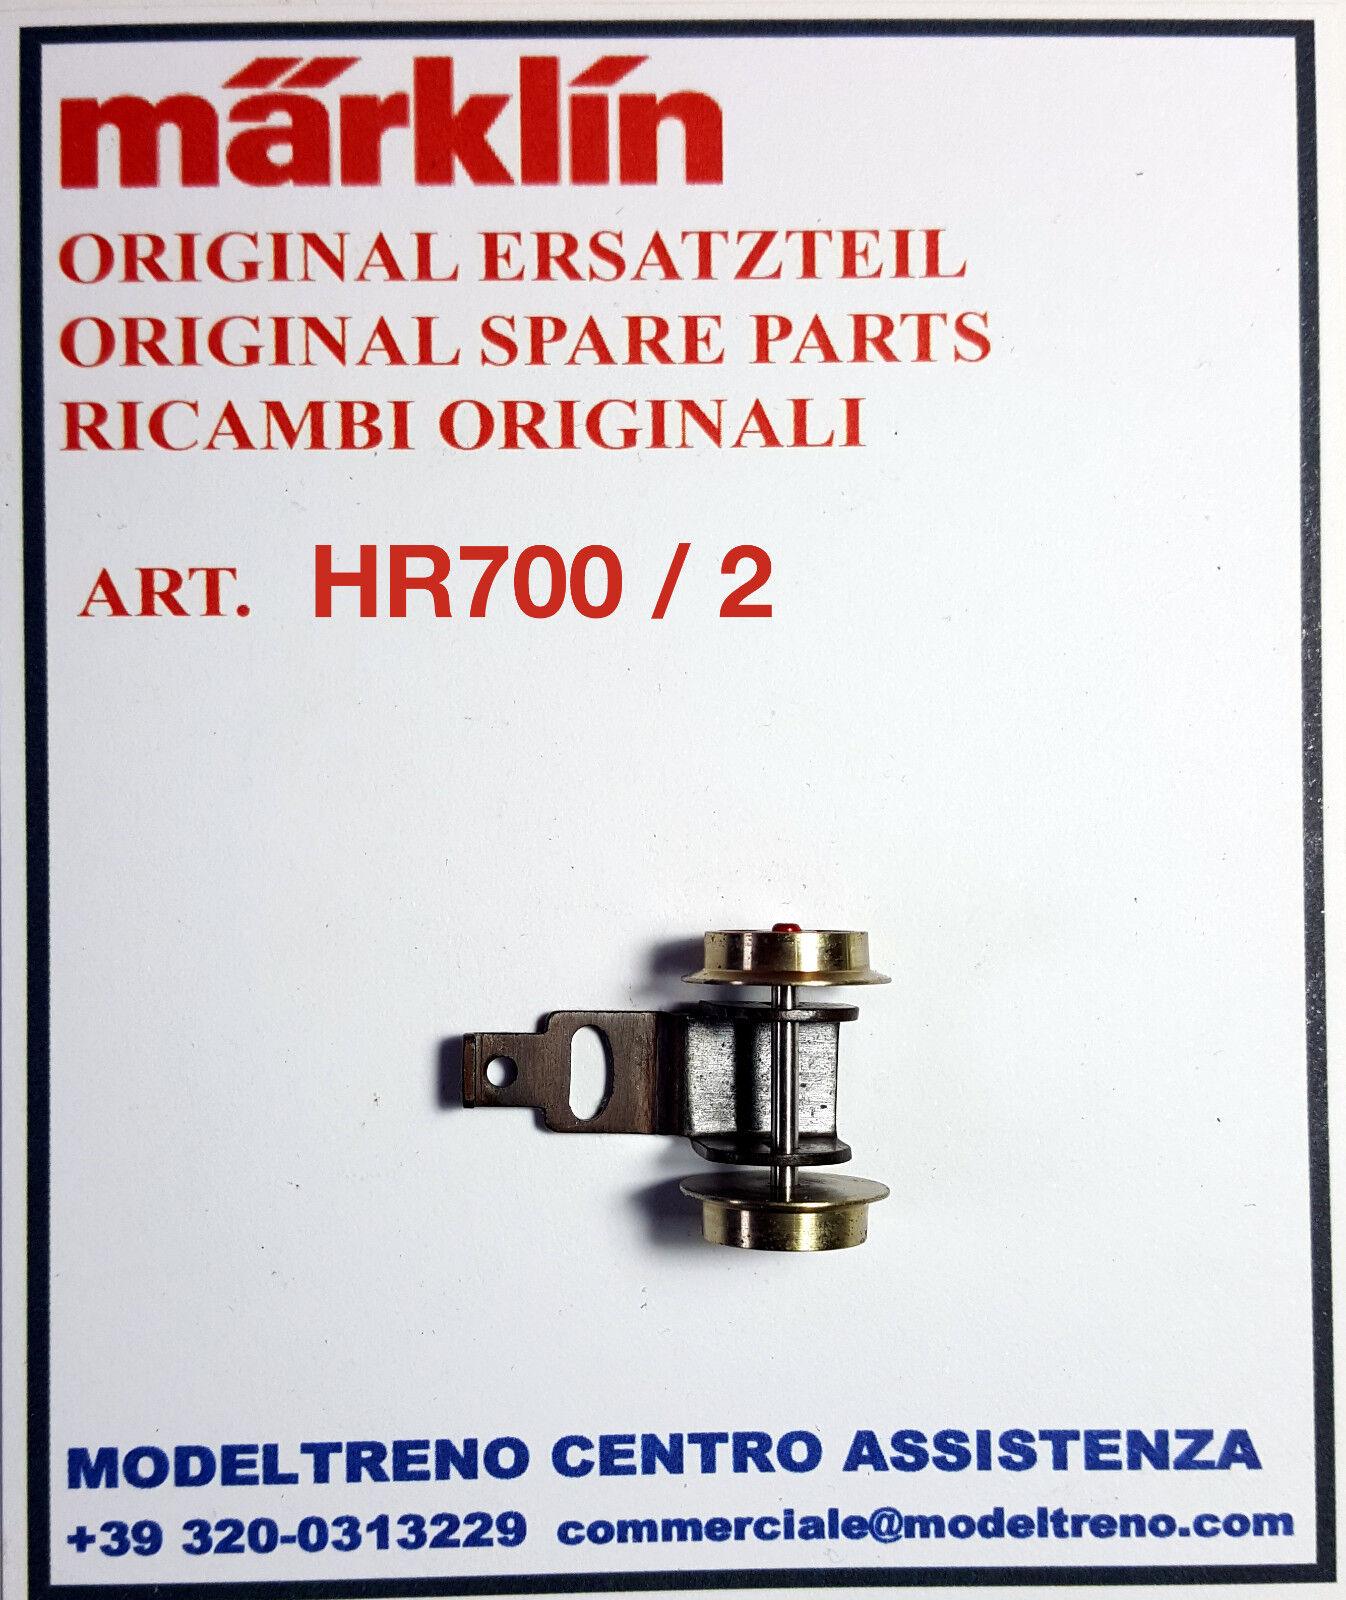 Marklin hr700 2 Cart Post. - nachläufer komplett mit scheibenrädern hr700